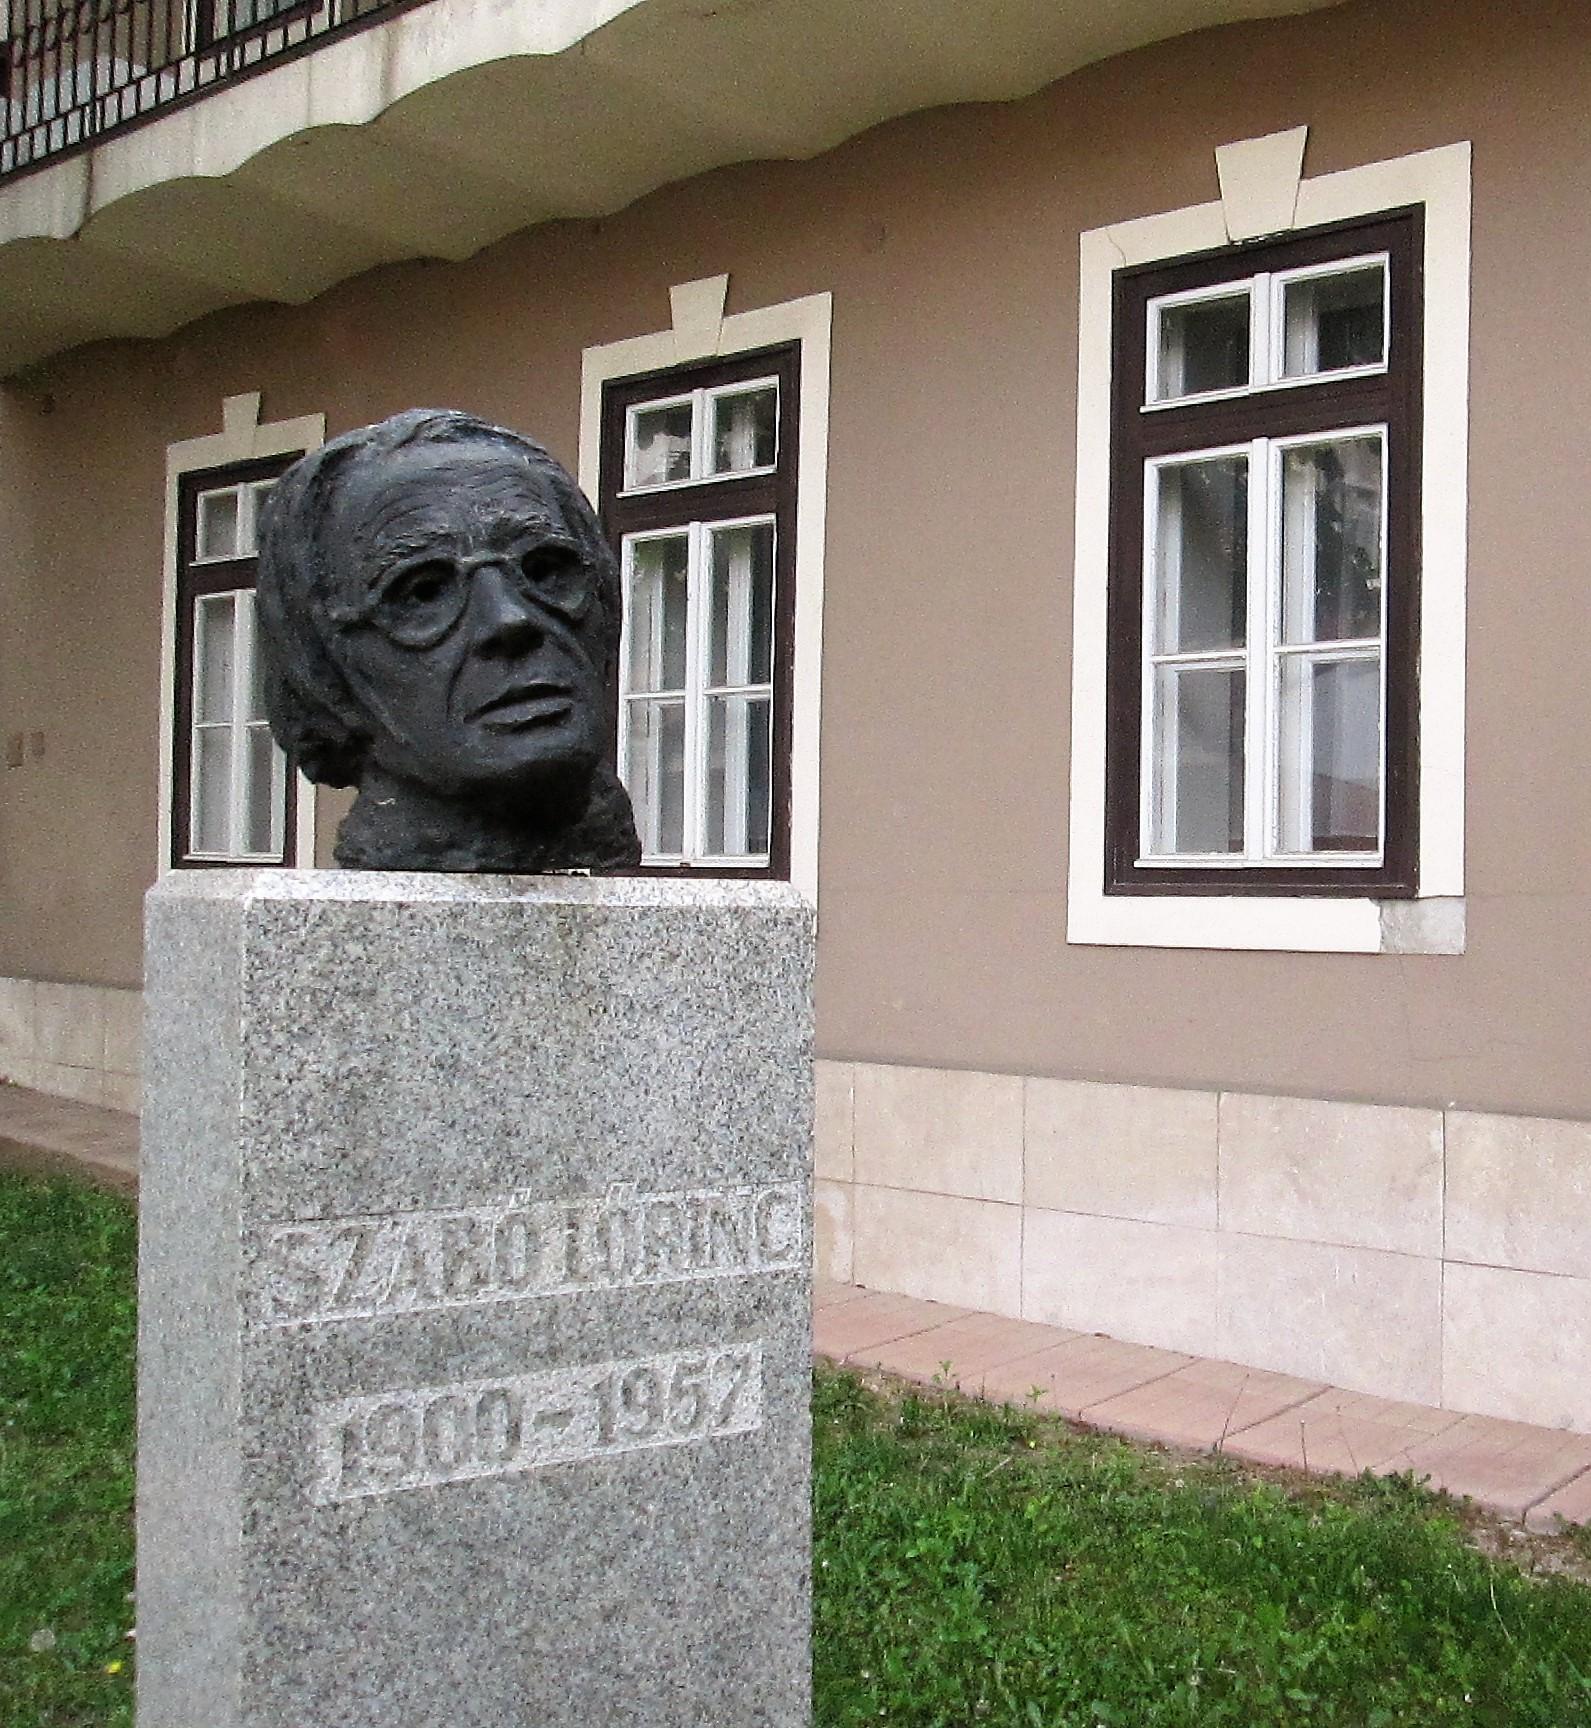 szabo_lorinc_szobra_ks.JPG